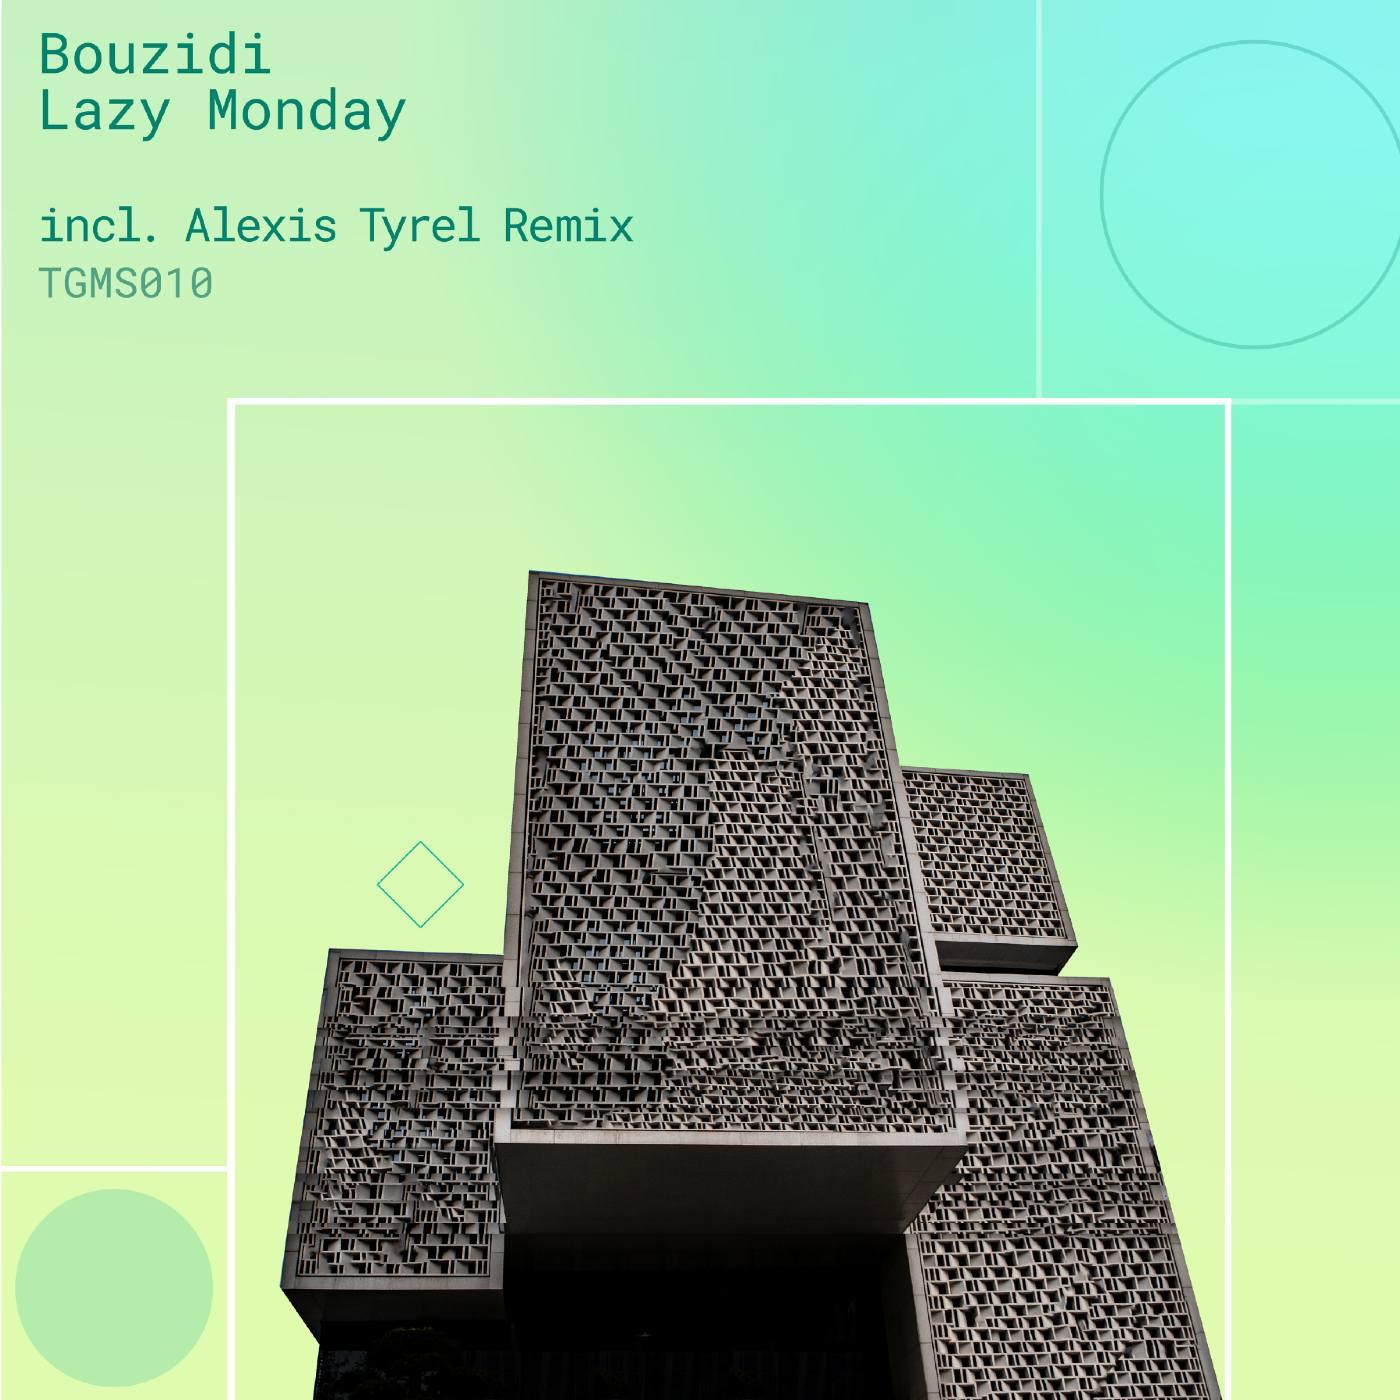 Bouzidi - Lazy Monday (Incl. Alexis Tyrel Remix)